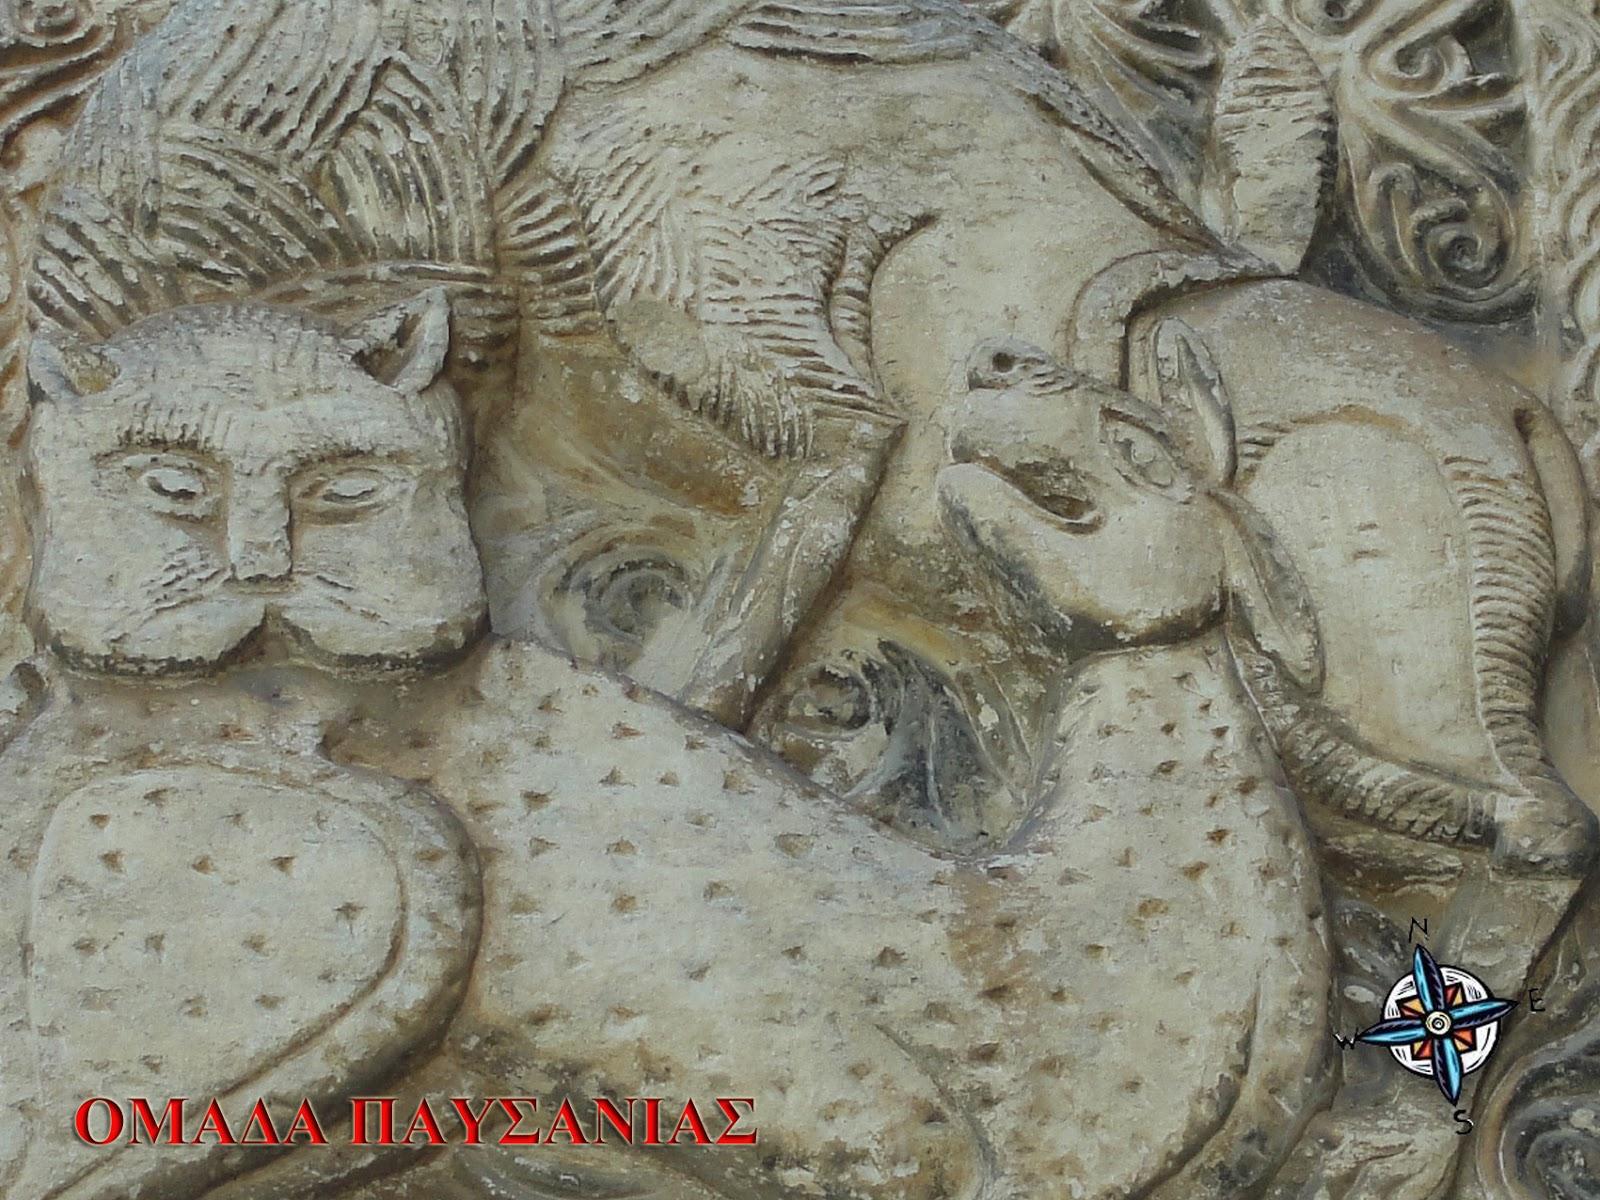 Θωράκιο με λέοντα που κατασπαράσσει έλαφο (12ου αιώνα)